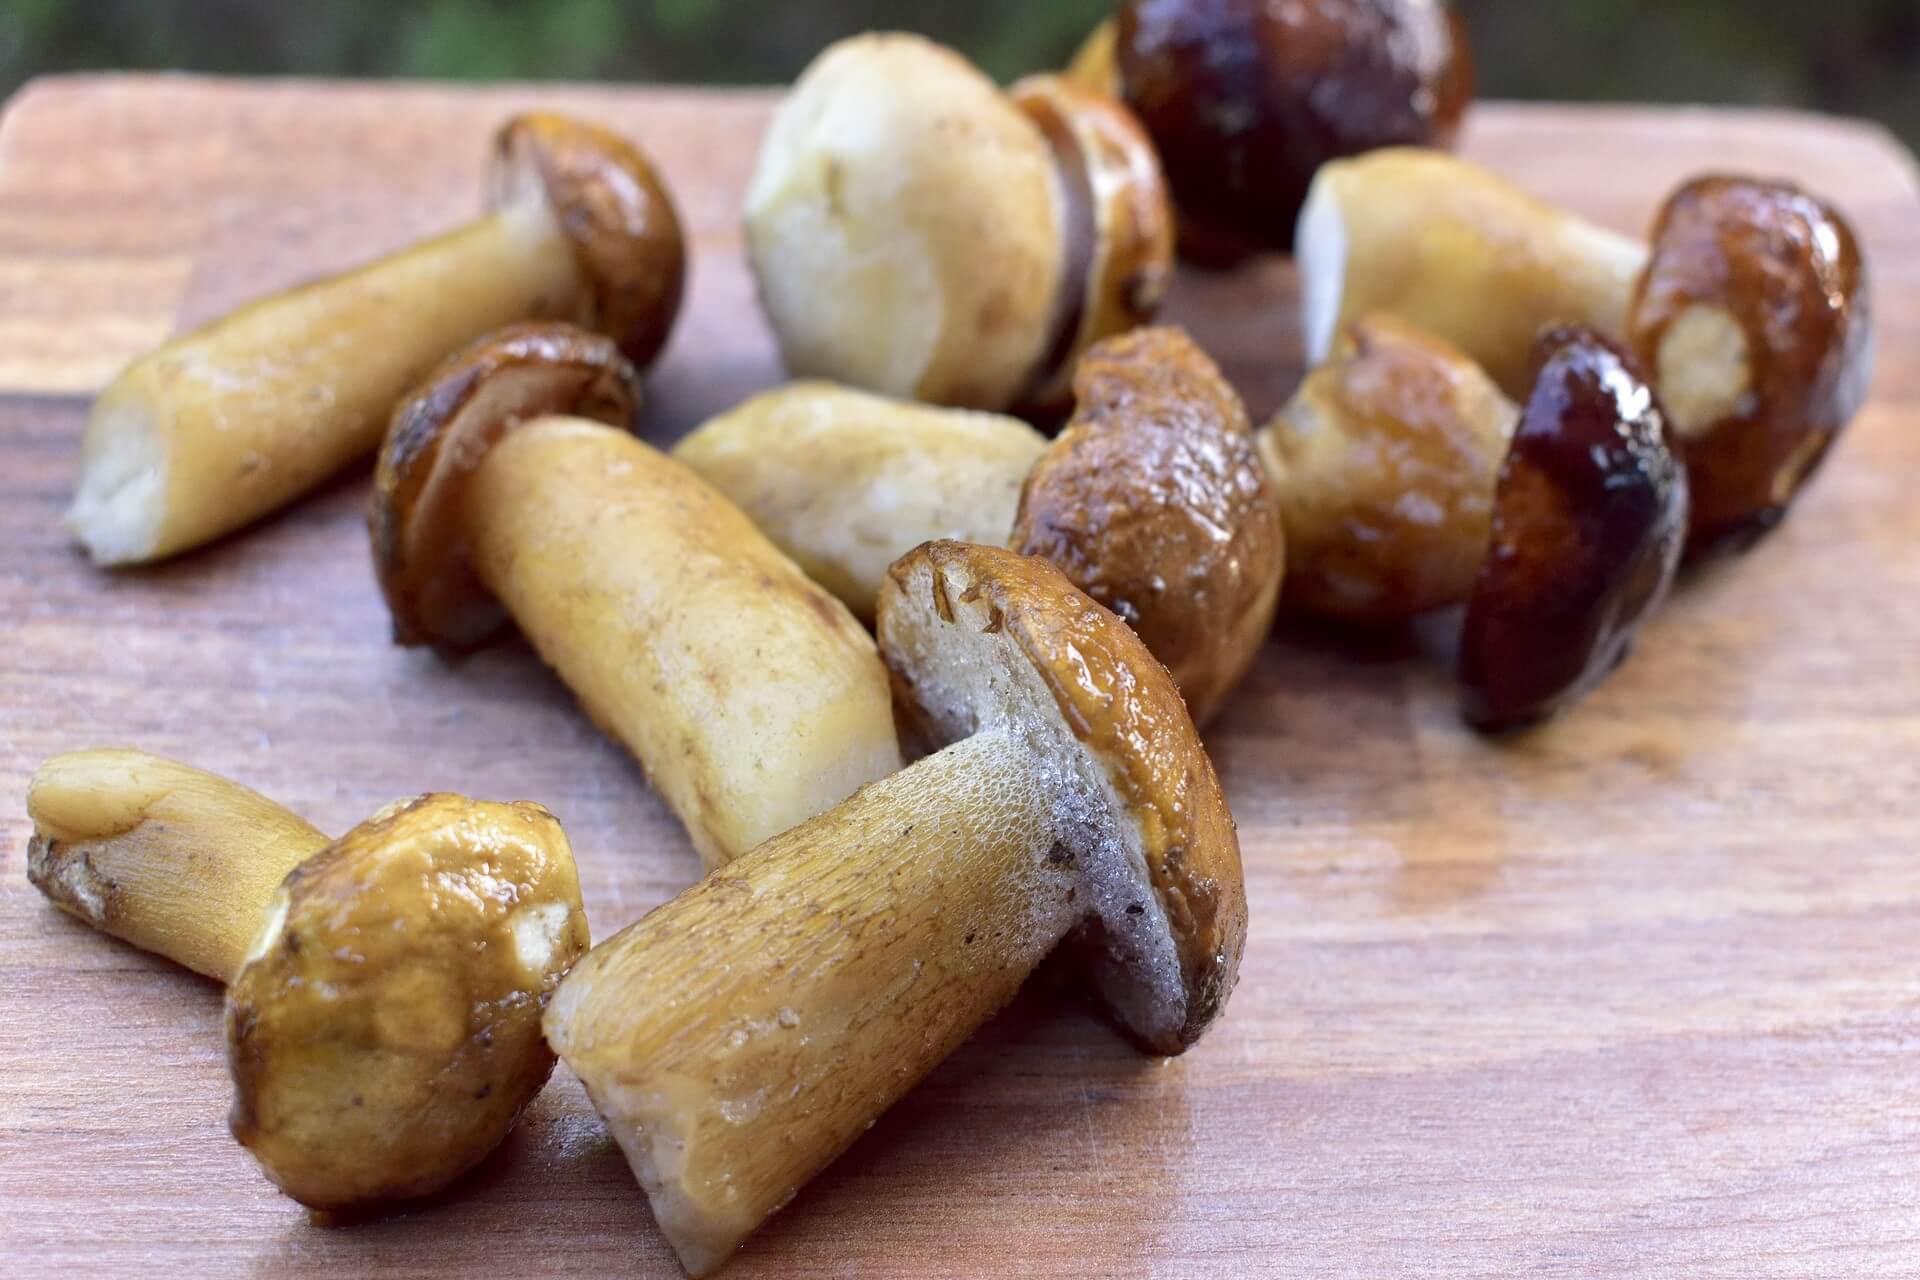 """Congelare i funghi soluzione pratica e sicura, oltre che """"buona"""""""